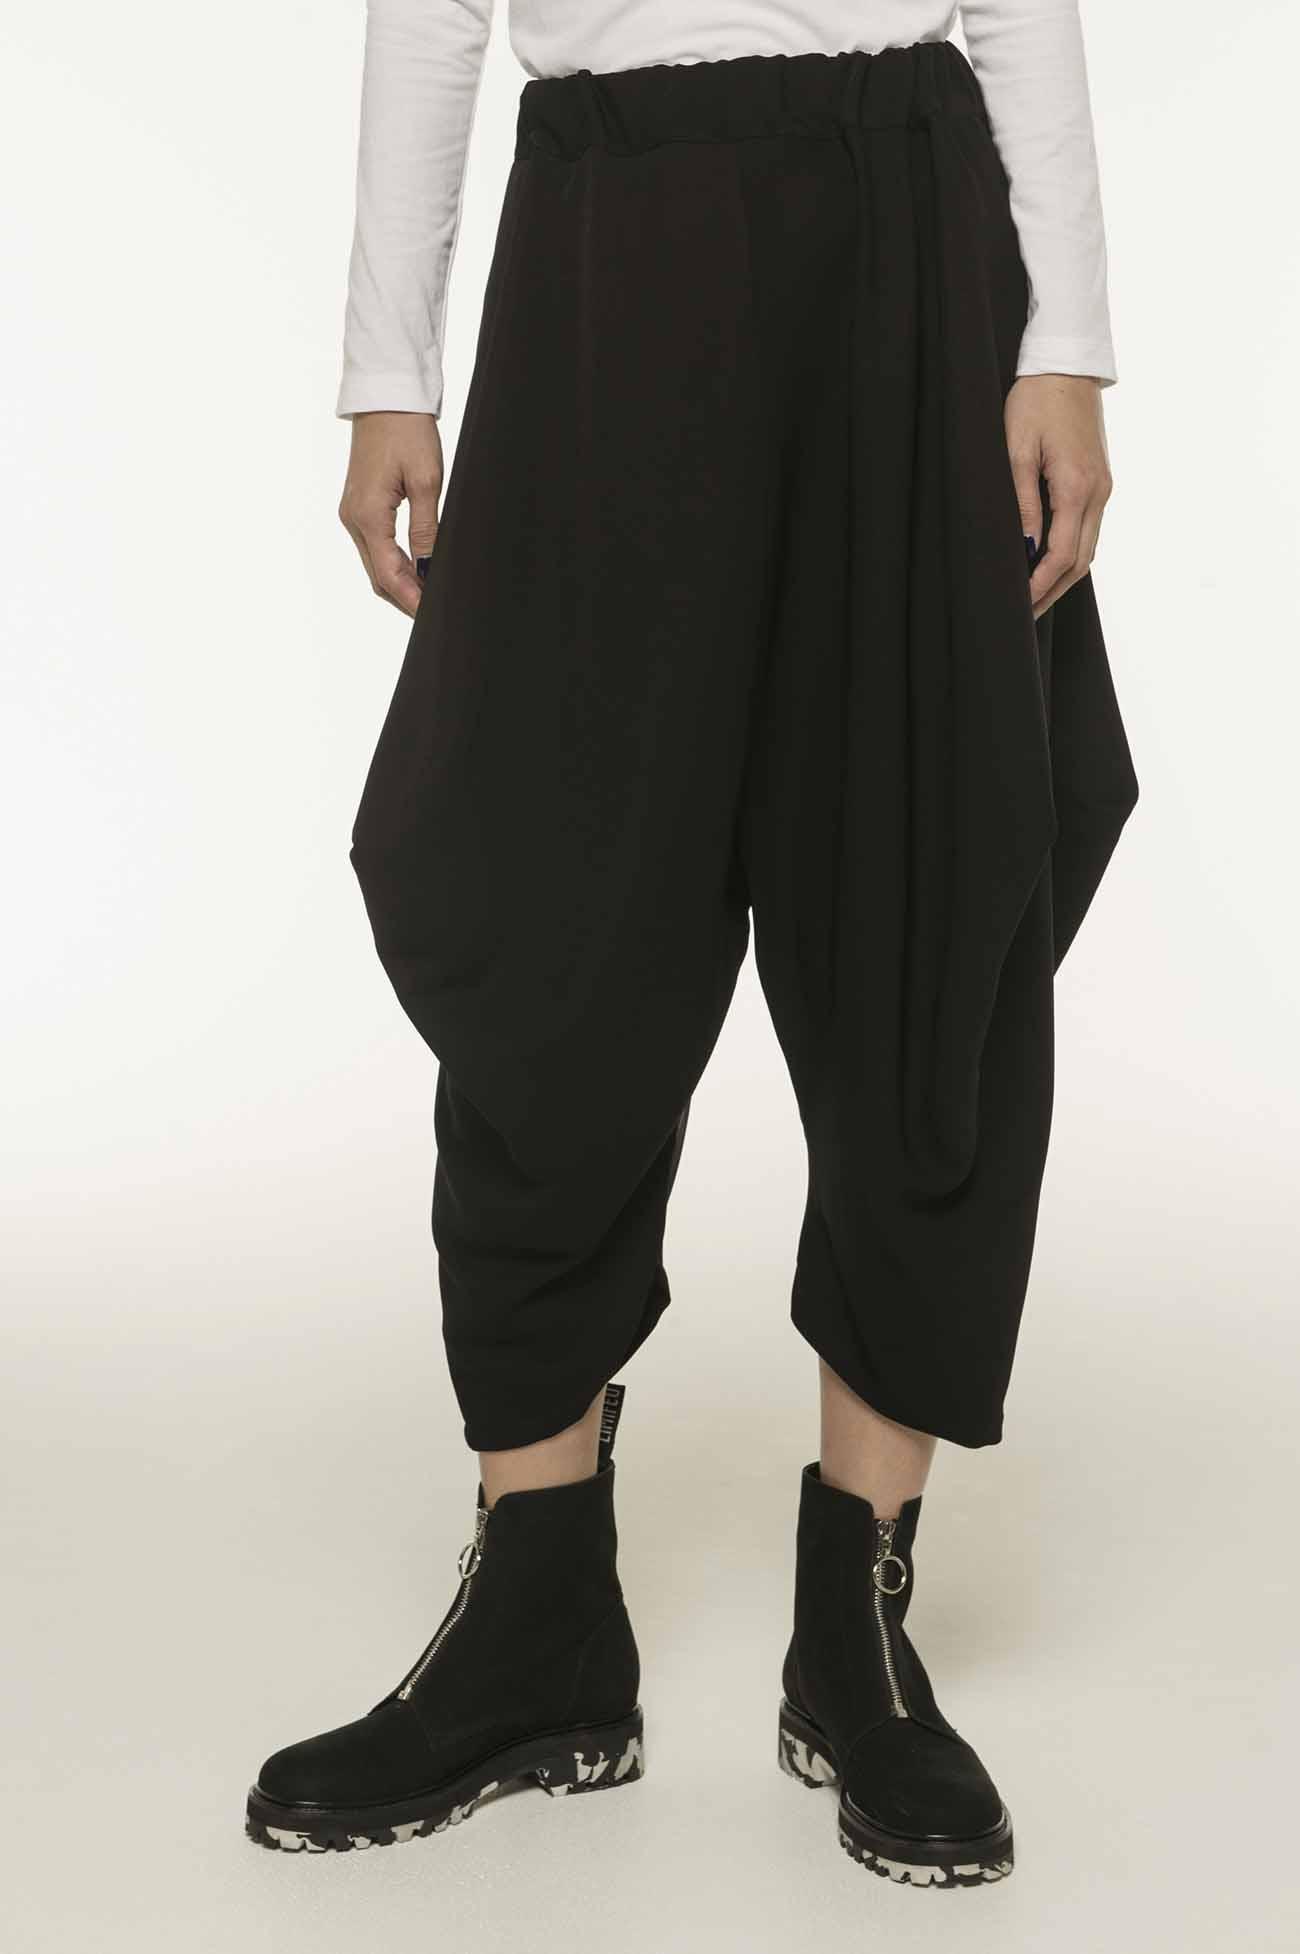 变形设计窄脚裤